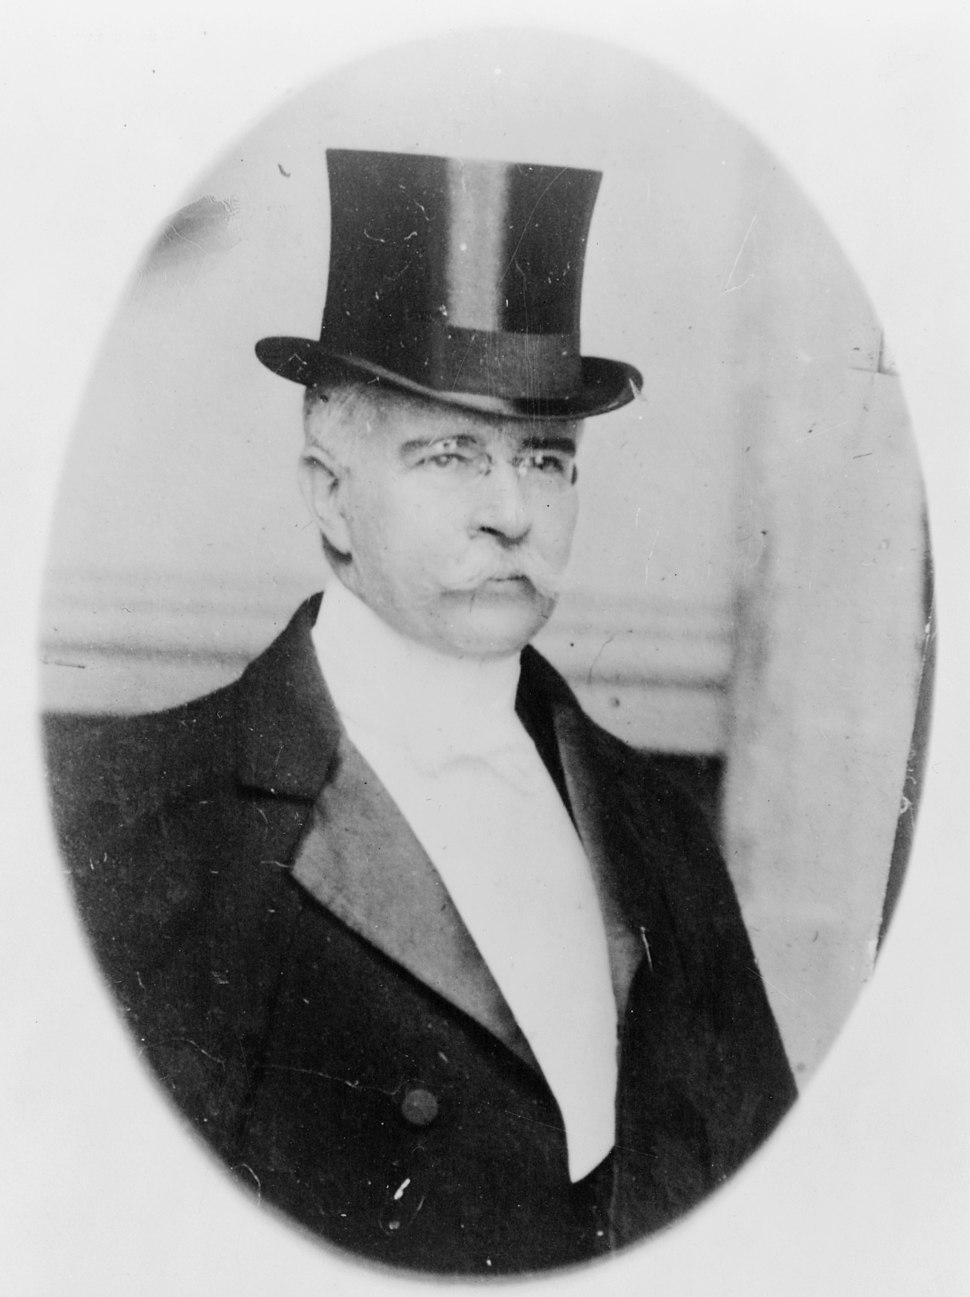 Francisco Leon de la Barra